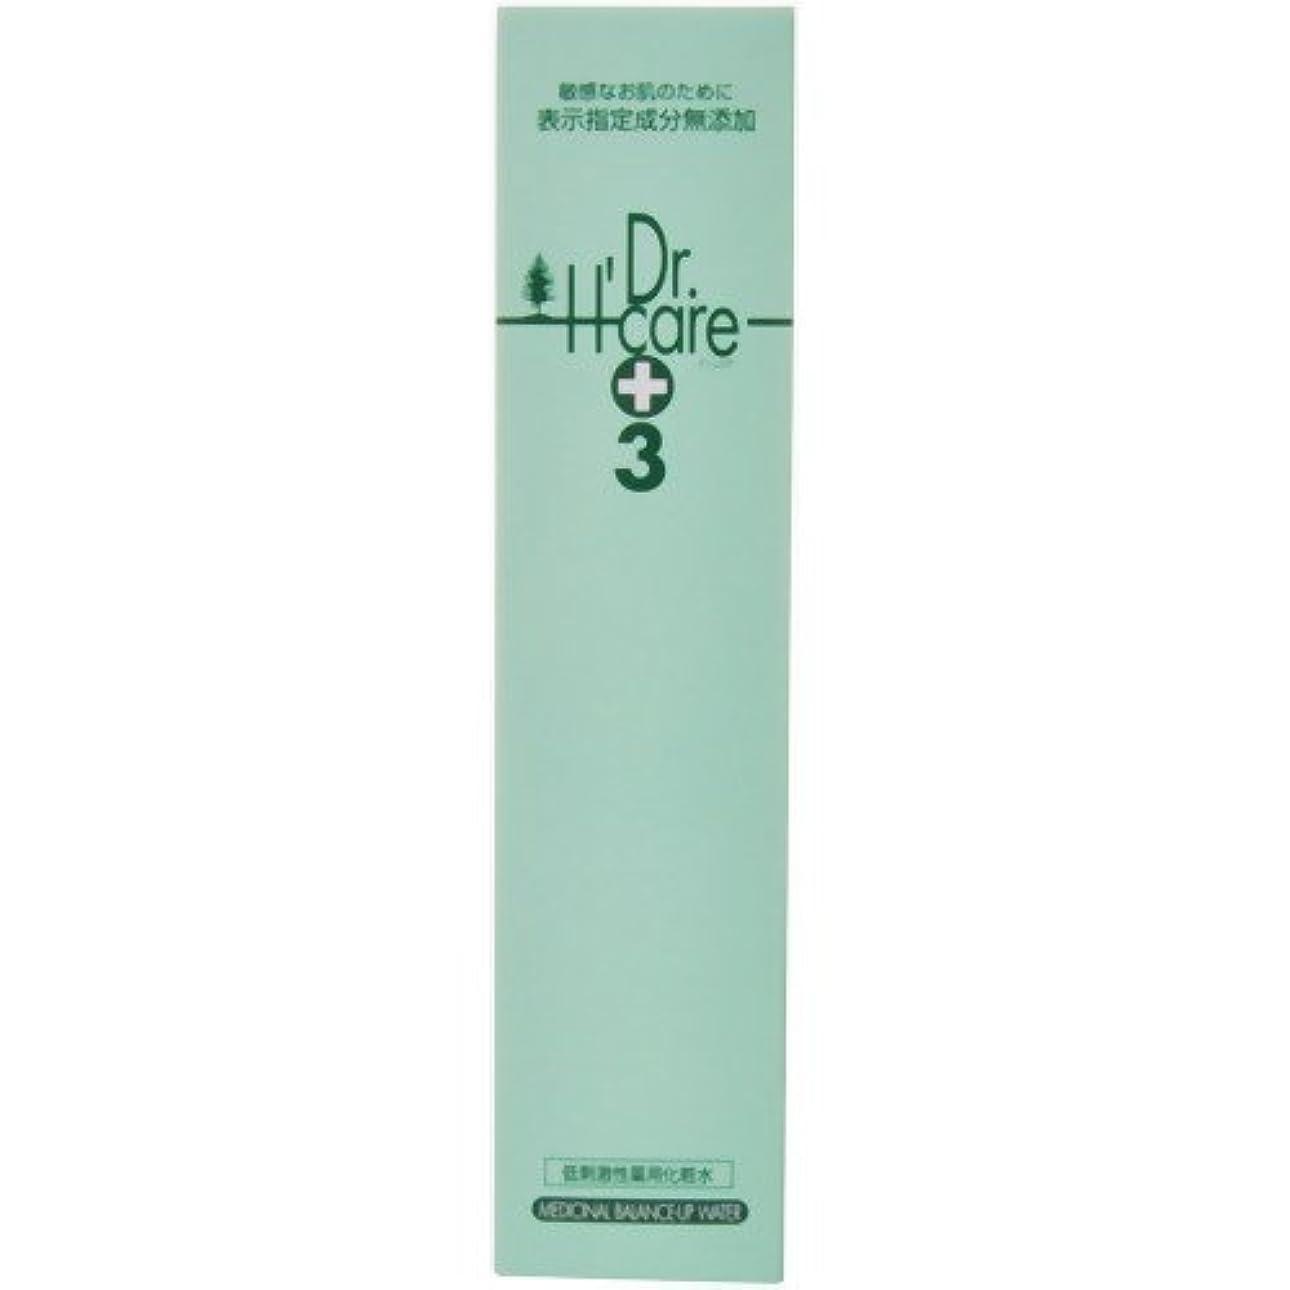 緩む首直接アシュケア 薬用 バランスアップウォーター (低刺激性化粧水) 120ml